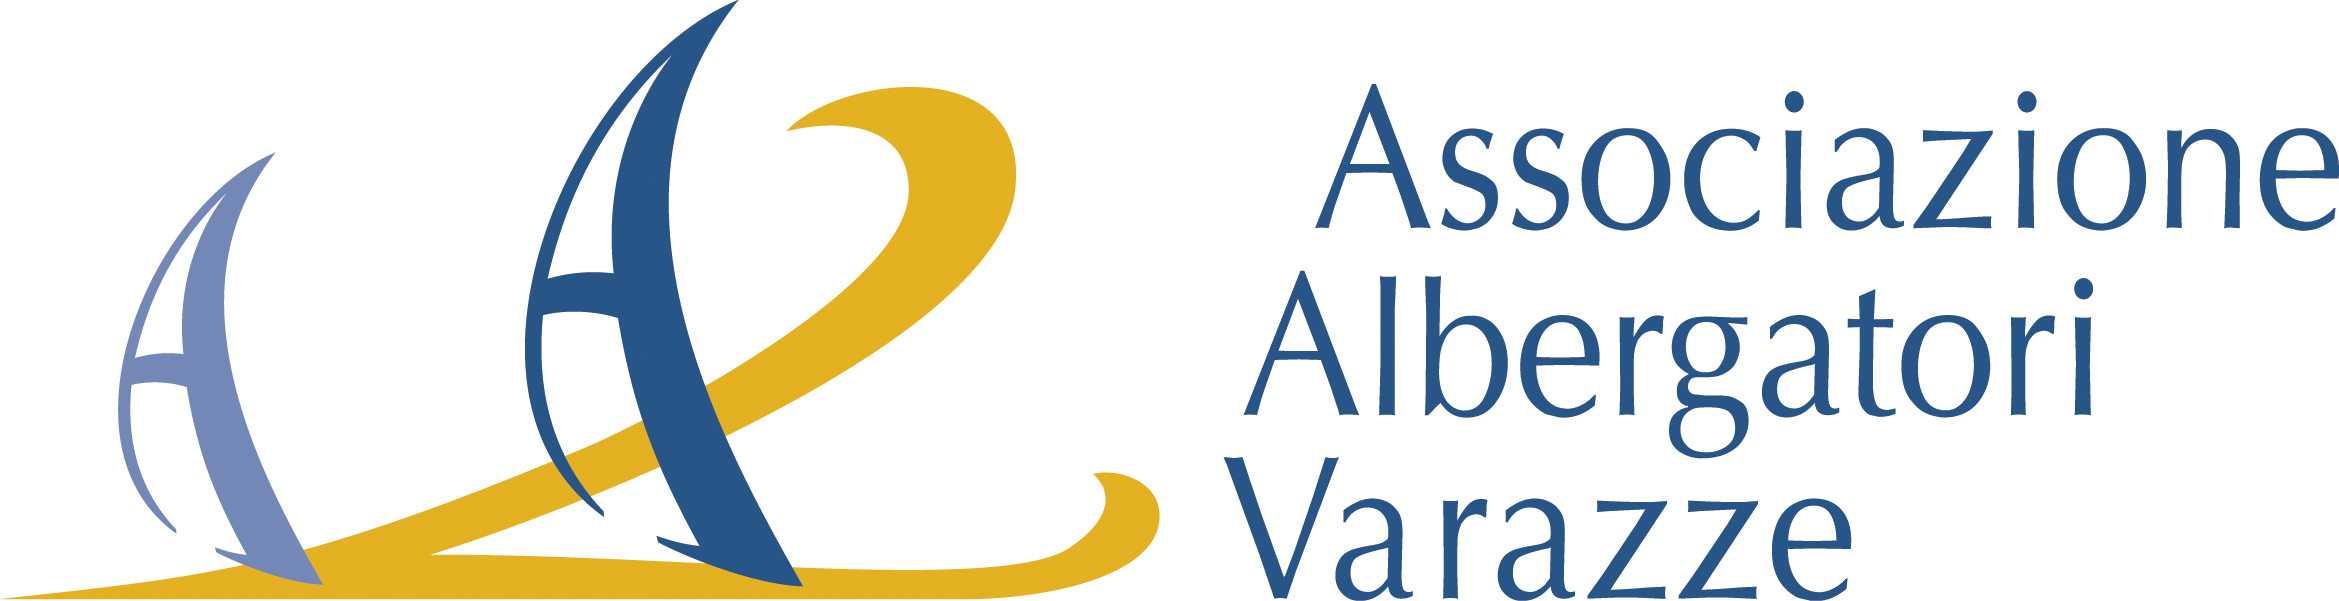 Associazione Albergatori Varazze